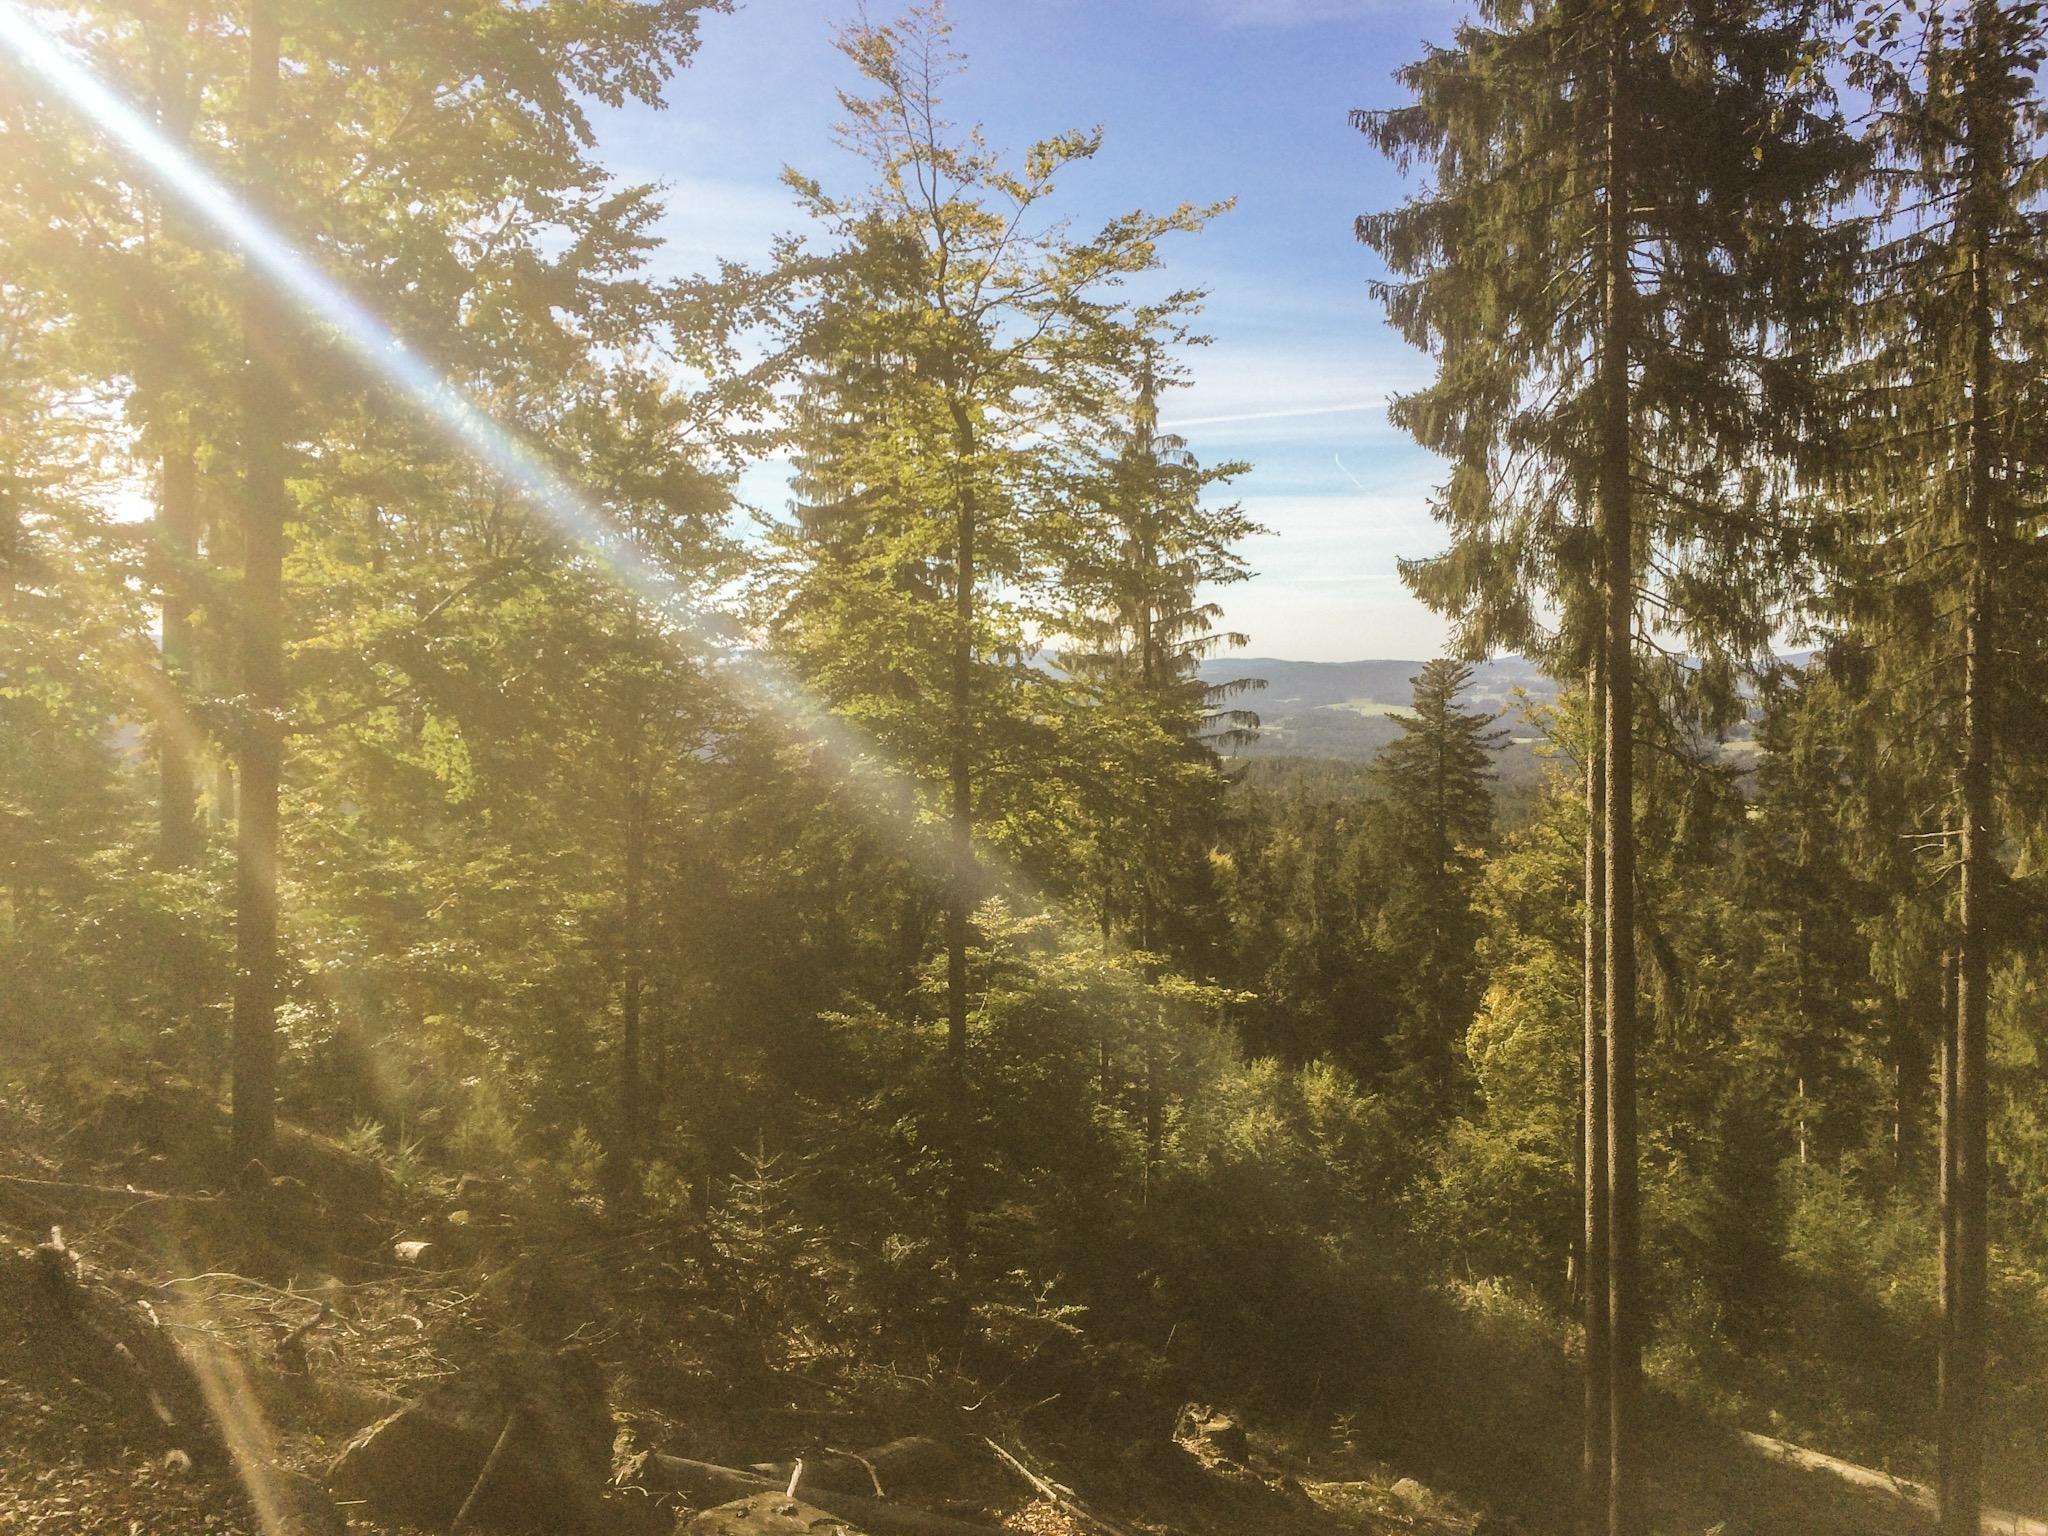 Wald beruhigt und lässt Menschen entspannter werden. Ohne motorisierte Anreise wird es noch entspannter und sogar nachhaltig.